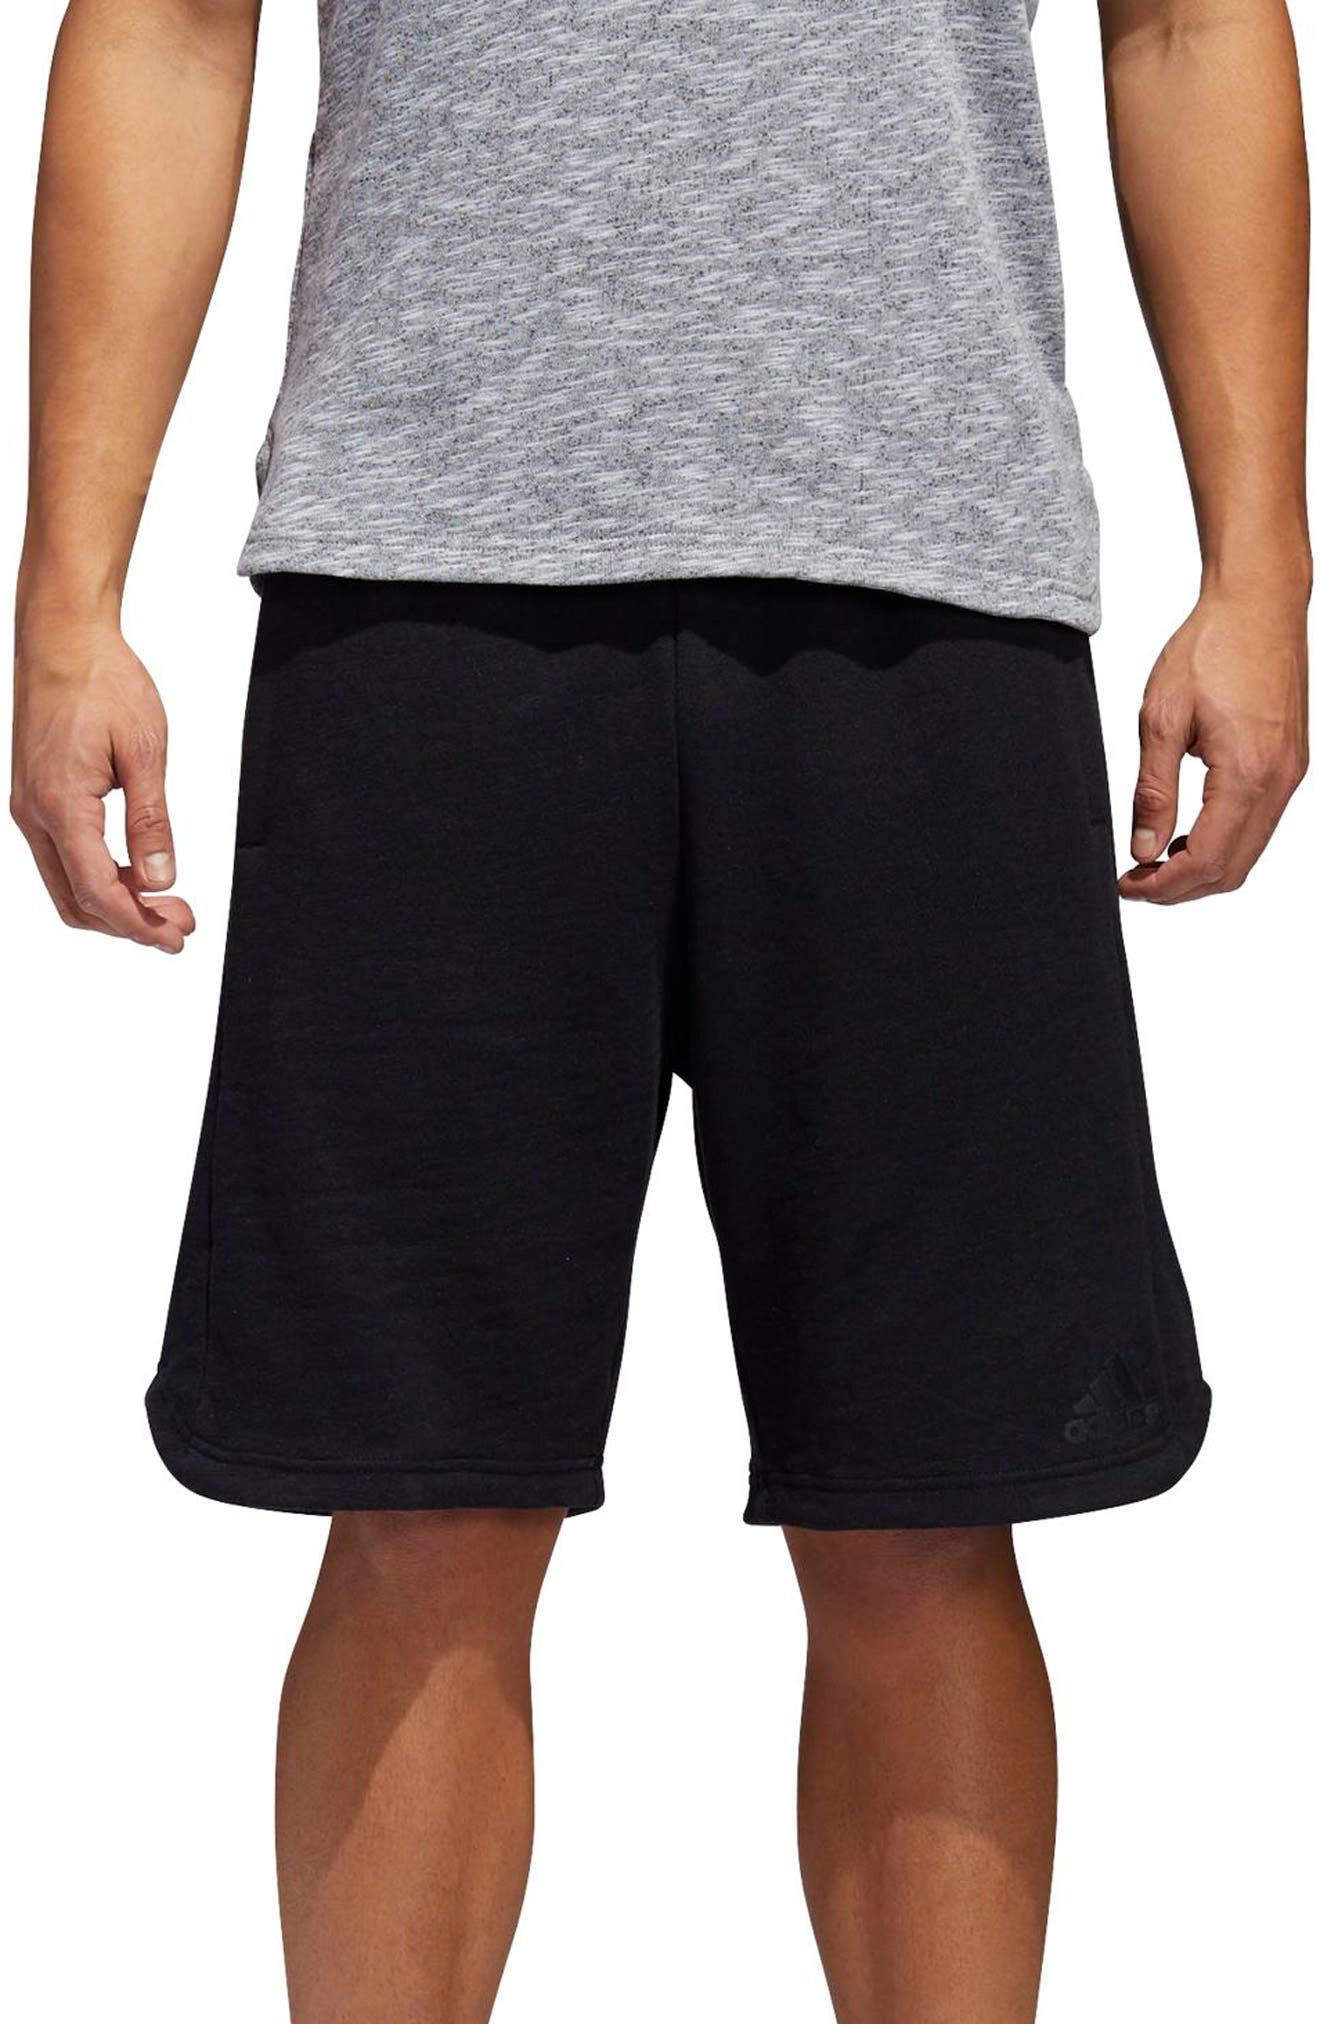 Pick Up Knit Shorts,                         Main,                         color, BLACK